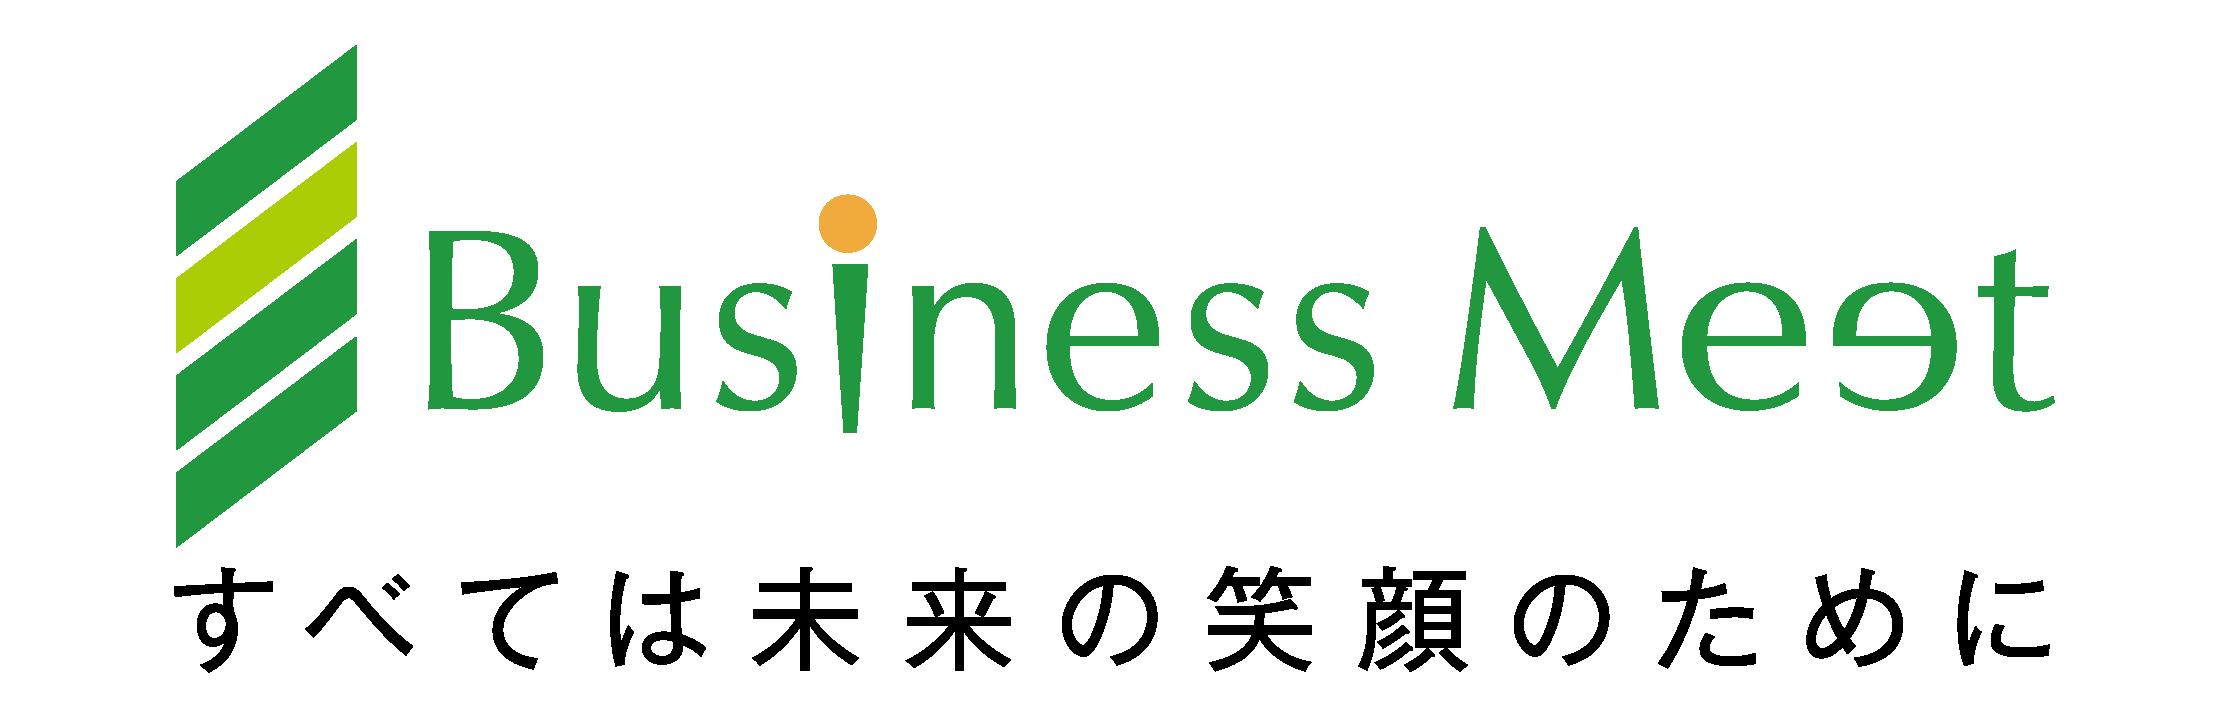 ビジネスミートCD,DVD通販サイト